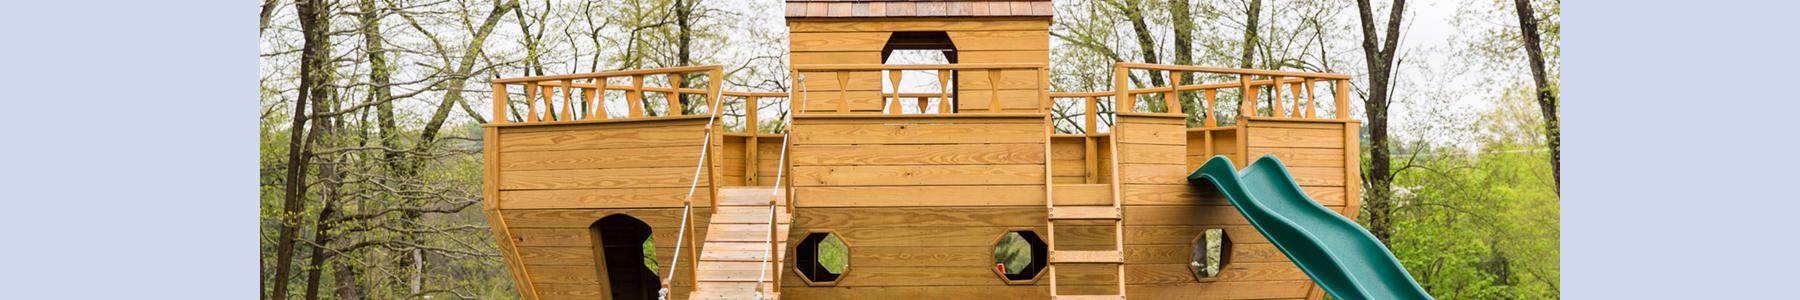 Playground Ark